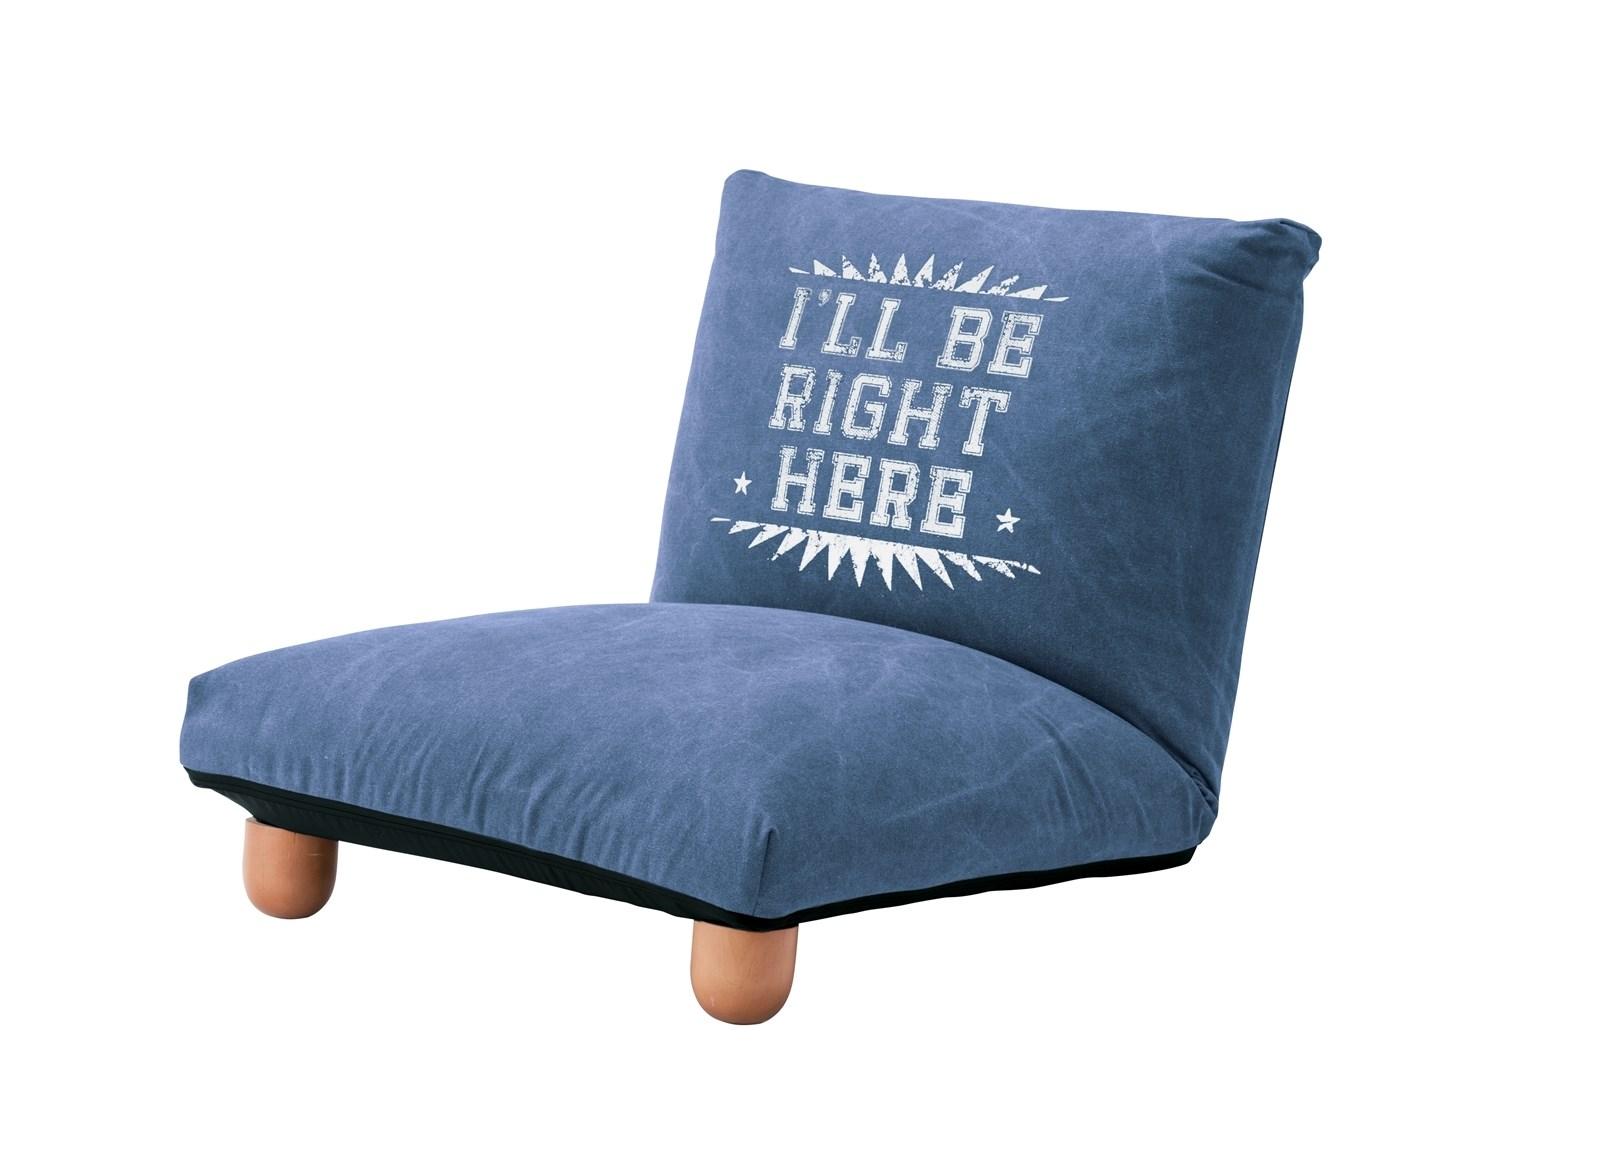 単品 フロアチェア (イス 椅子) ブルー 青